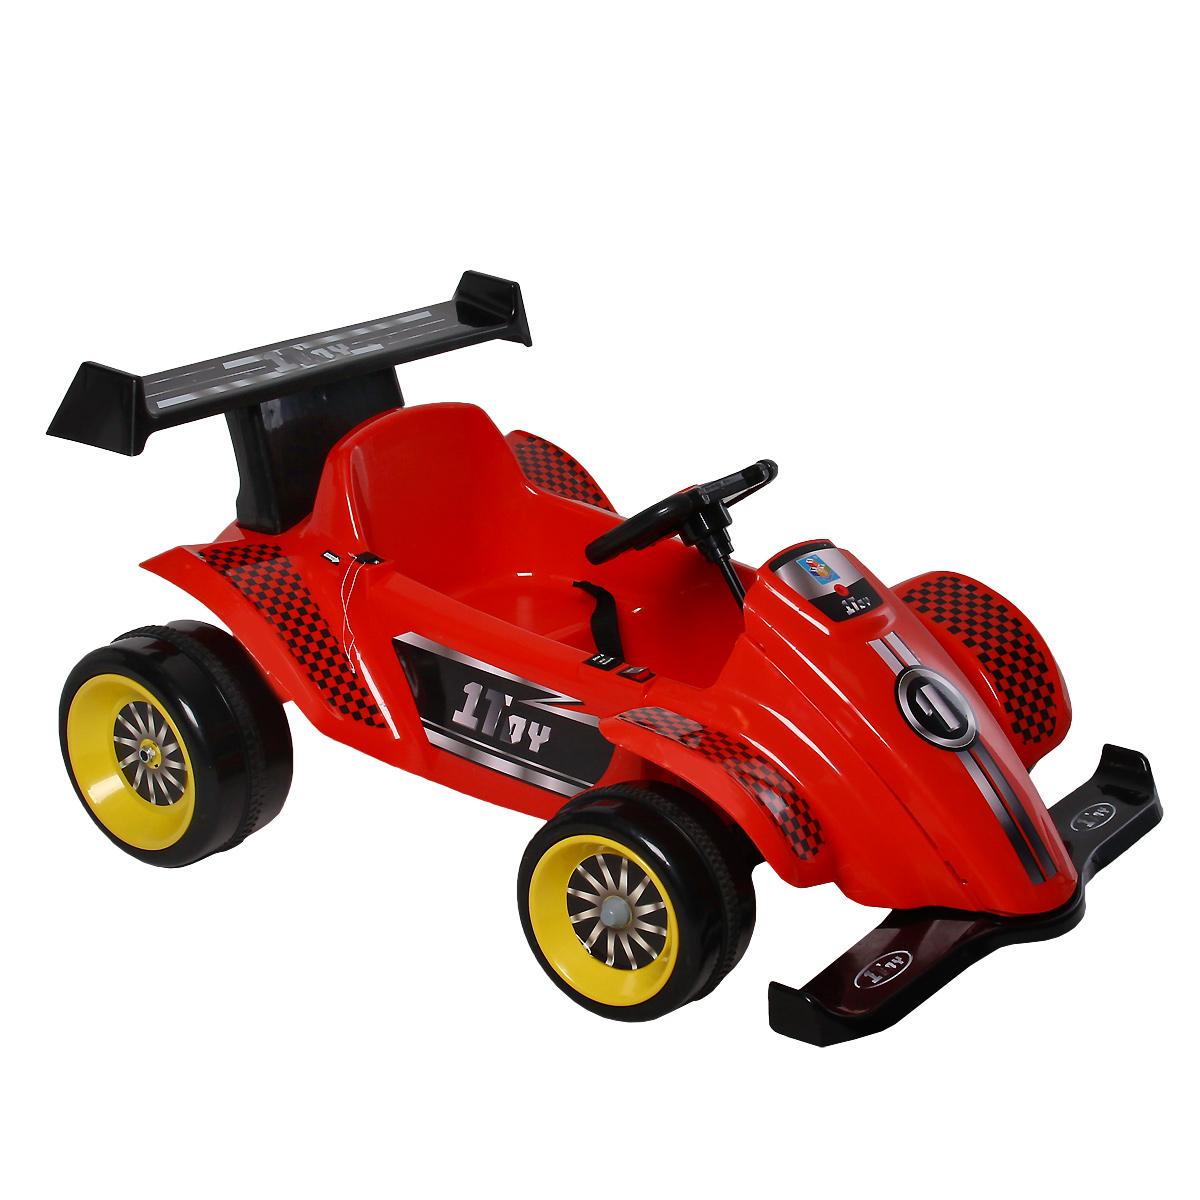 """Детский электромобиль 1toy """"Гонка"""" станет любимым средством передвижения вашего ребенка. Управляемый автомобиль - это самая желанная игрушка как для мальчиков, так и для девочек. Машинка имеет максимально реалистичный вид, выполнена в ярких, привлекательных цветах, что делает ее еще более интересной. Электромобиль выполнен в виде гоночного болида, снабжен рулем и удобным сиденьем. Переключатель управления движения (вперед, назад) расположен на корпусе автомобиля. Кнопка подачи звуковых сигналов расположена на руле. Акселератор и тормоз совмещены в одном переключателе. Большие широкие колеса обеспечивают хорошую устойчивость и проходимость. С таким автомобилем прогулки вашего малыша станут веселее и увлекательнее. Порадуйте его таким замечательным подарком! Электромобиль работает от встроенного аккумулятора. Для руля необходимо докупить 2 батарейки напряжением 1,5V типа АА (не входят в комплект). Во избежание проблем с эксплуатацией, модель..."""